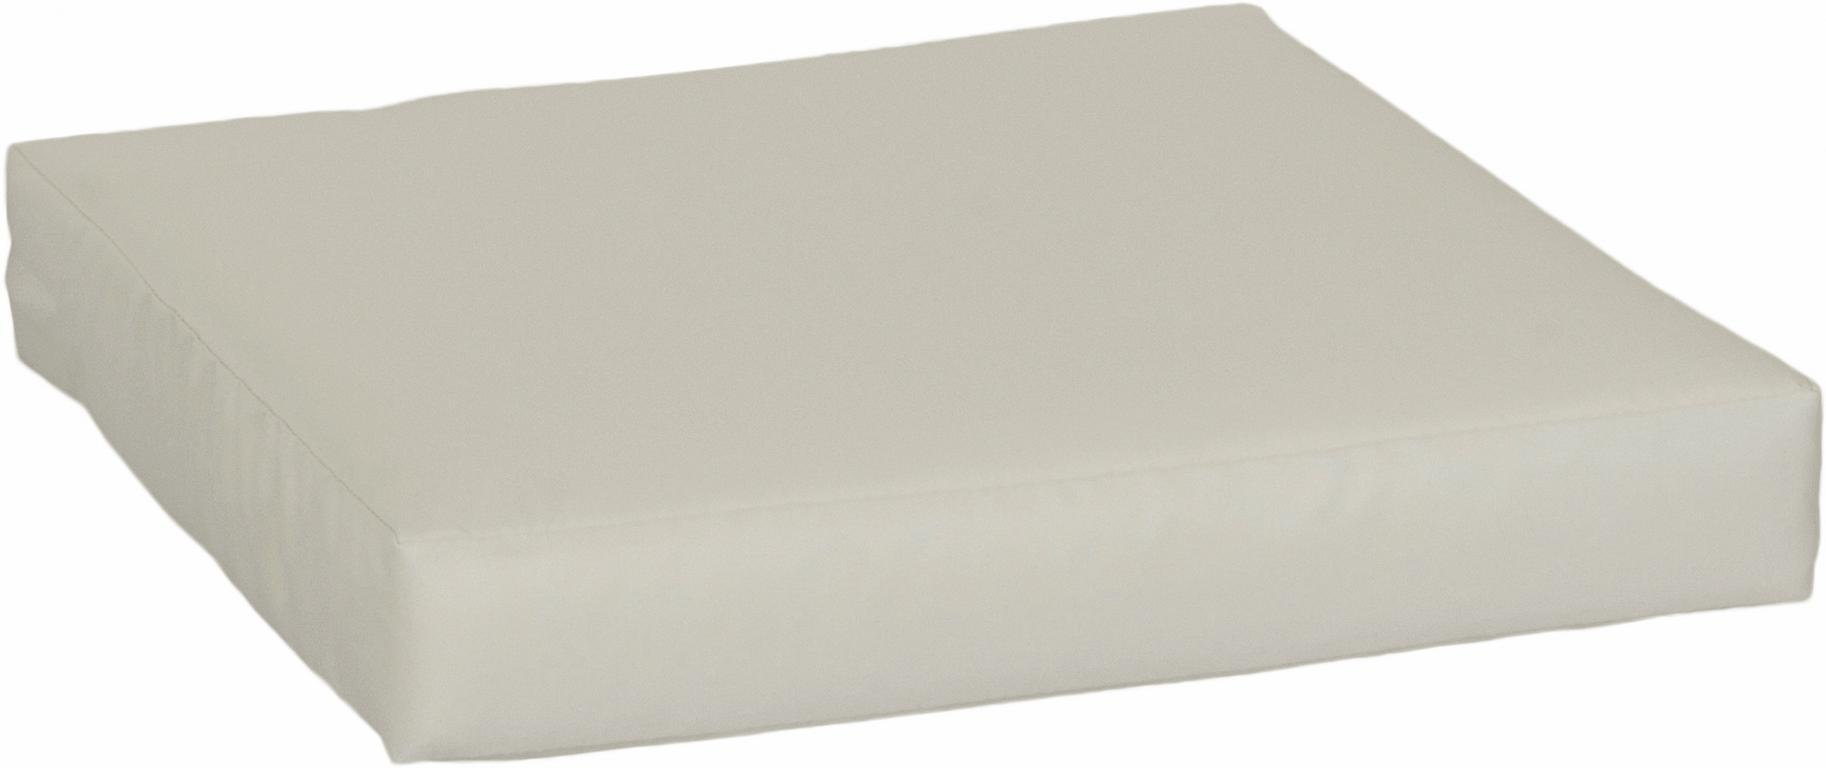 Lounge Sitzkissen Premium ca. 50 x 50 cm beige wasserabweisend aus 100% Polyester